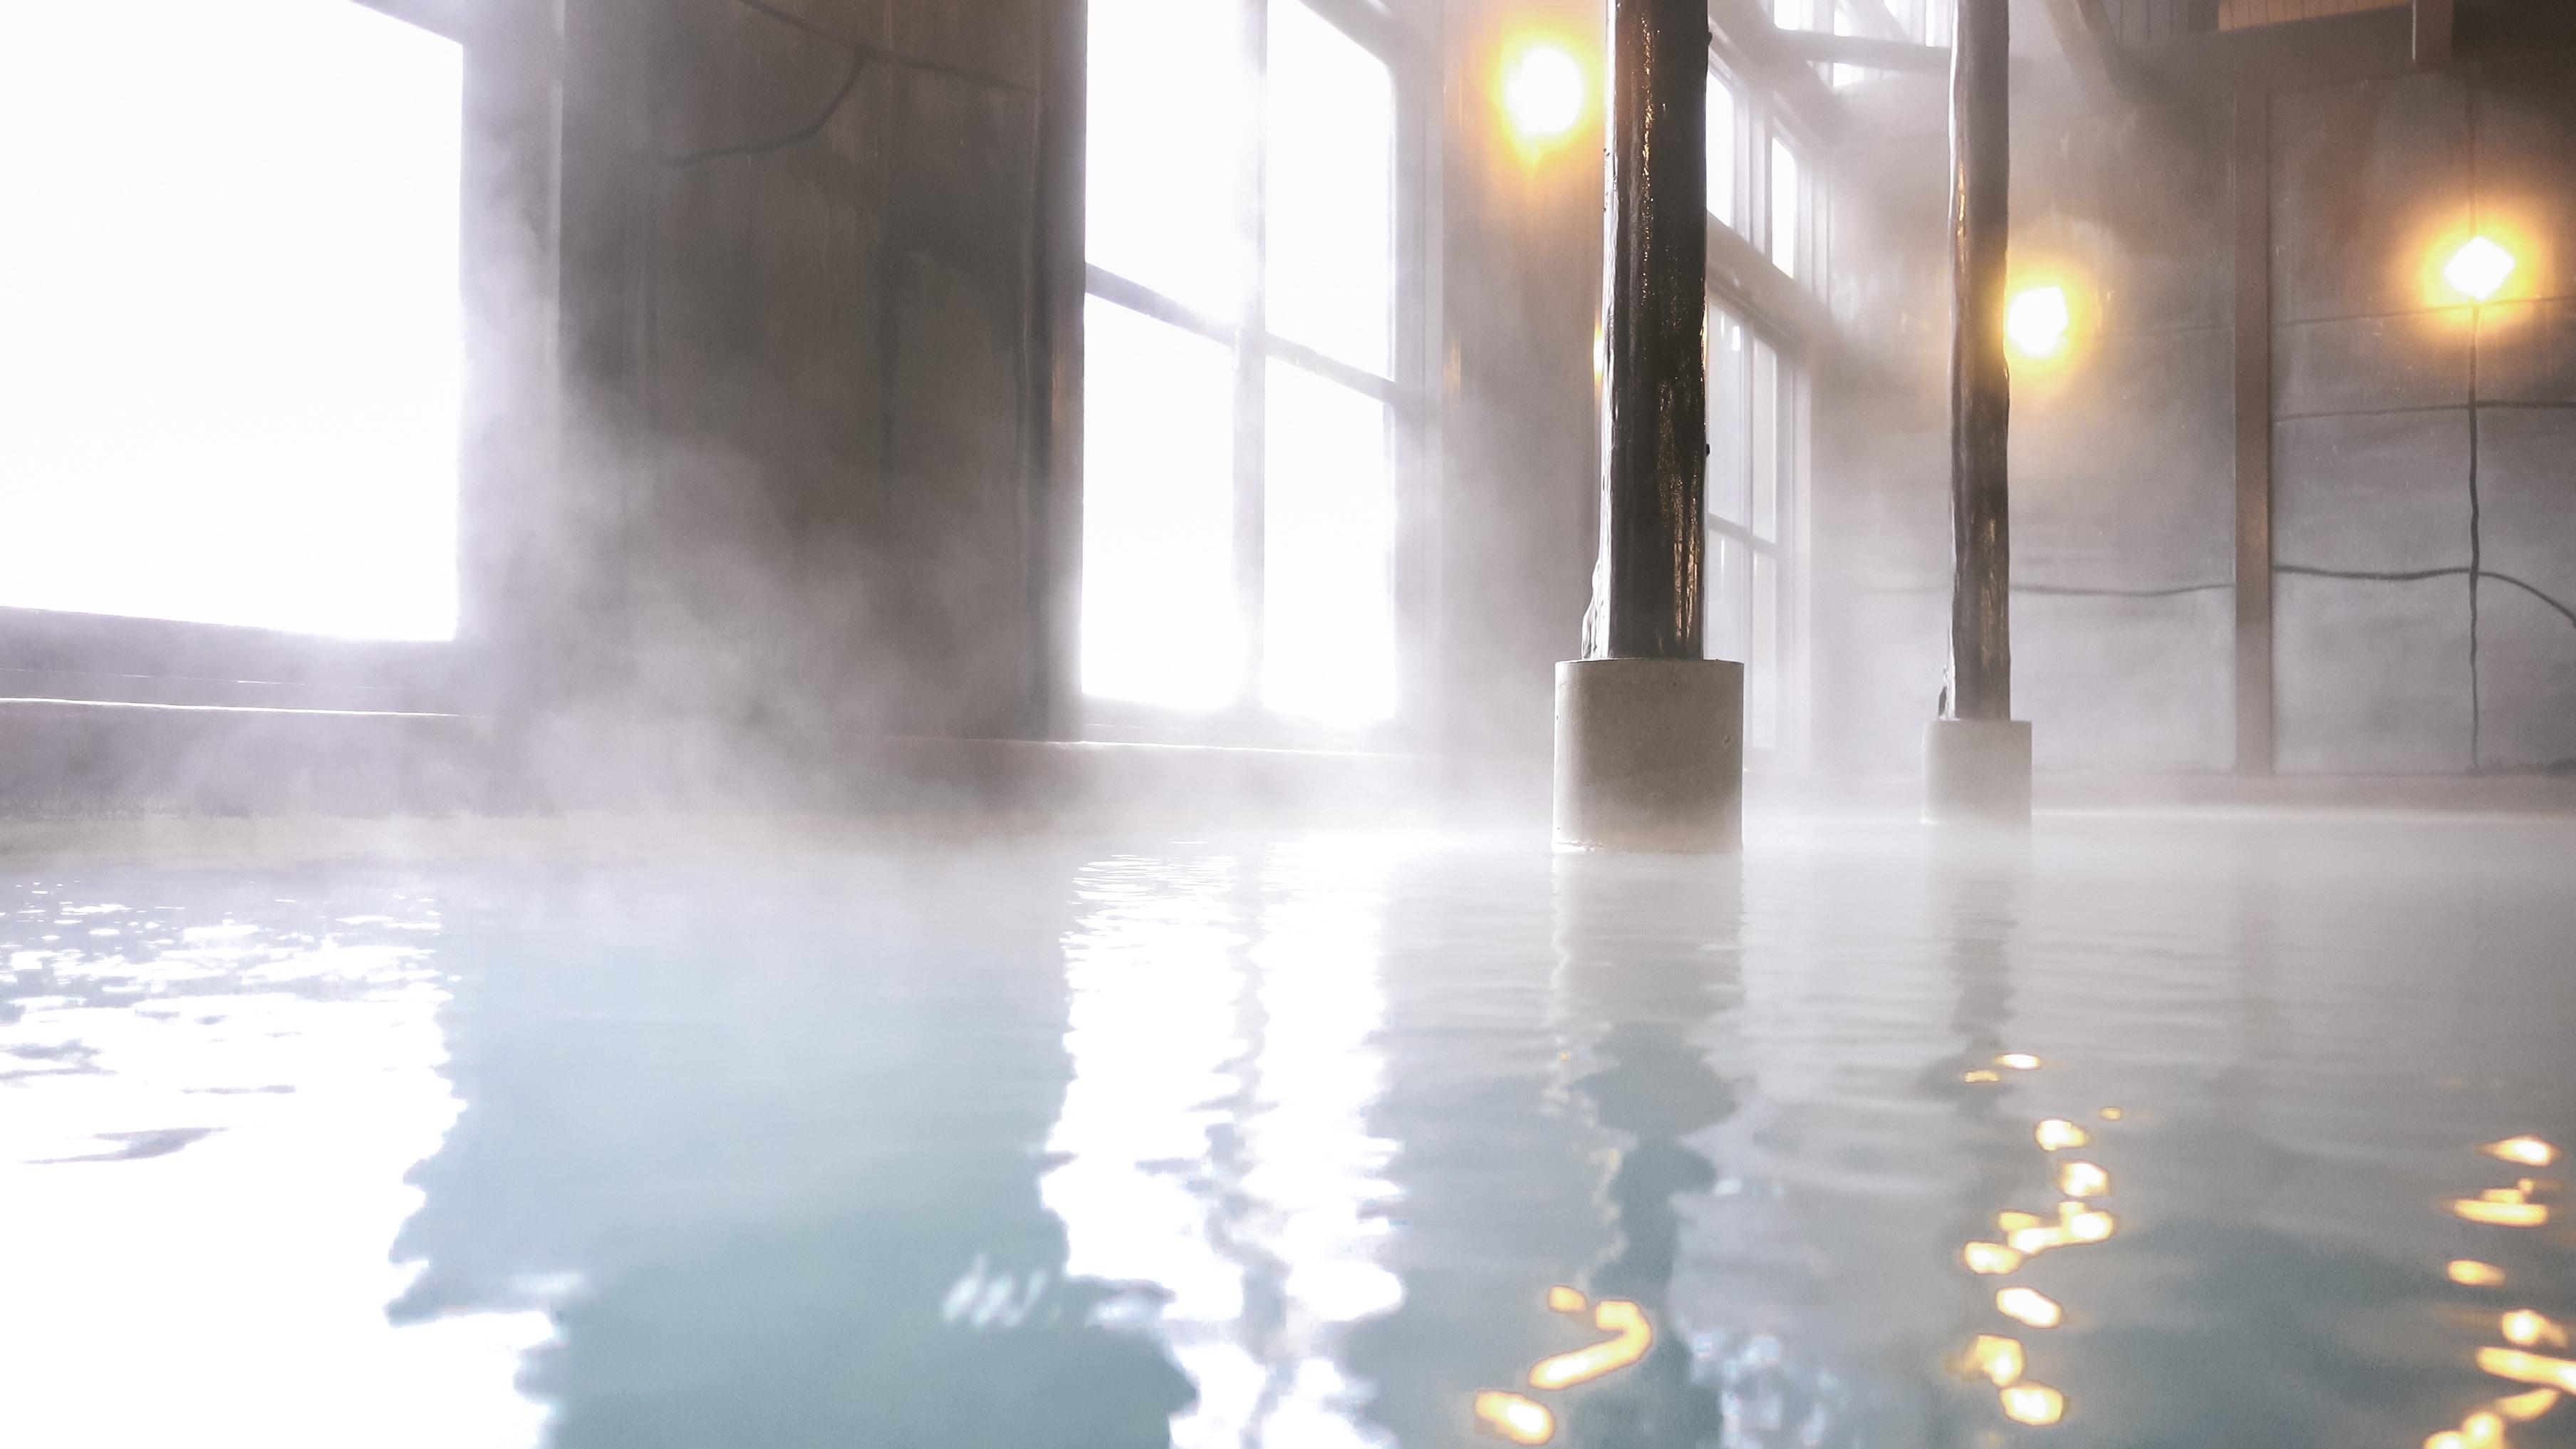 岡山の日帰り温泉はどこがおすすめ?地元で人気のランキング15選!